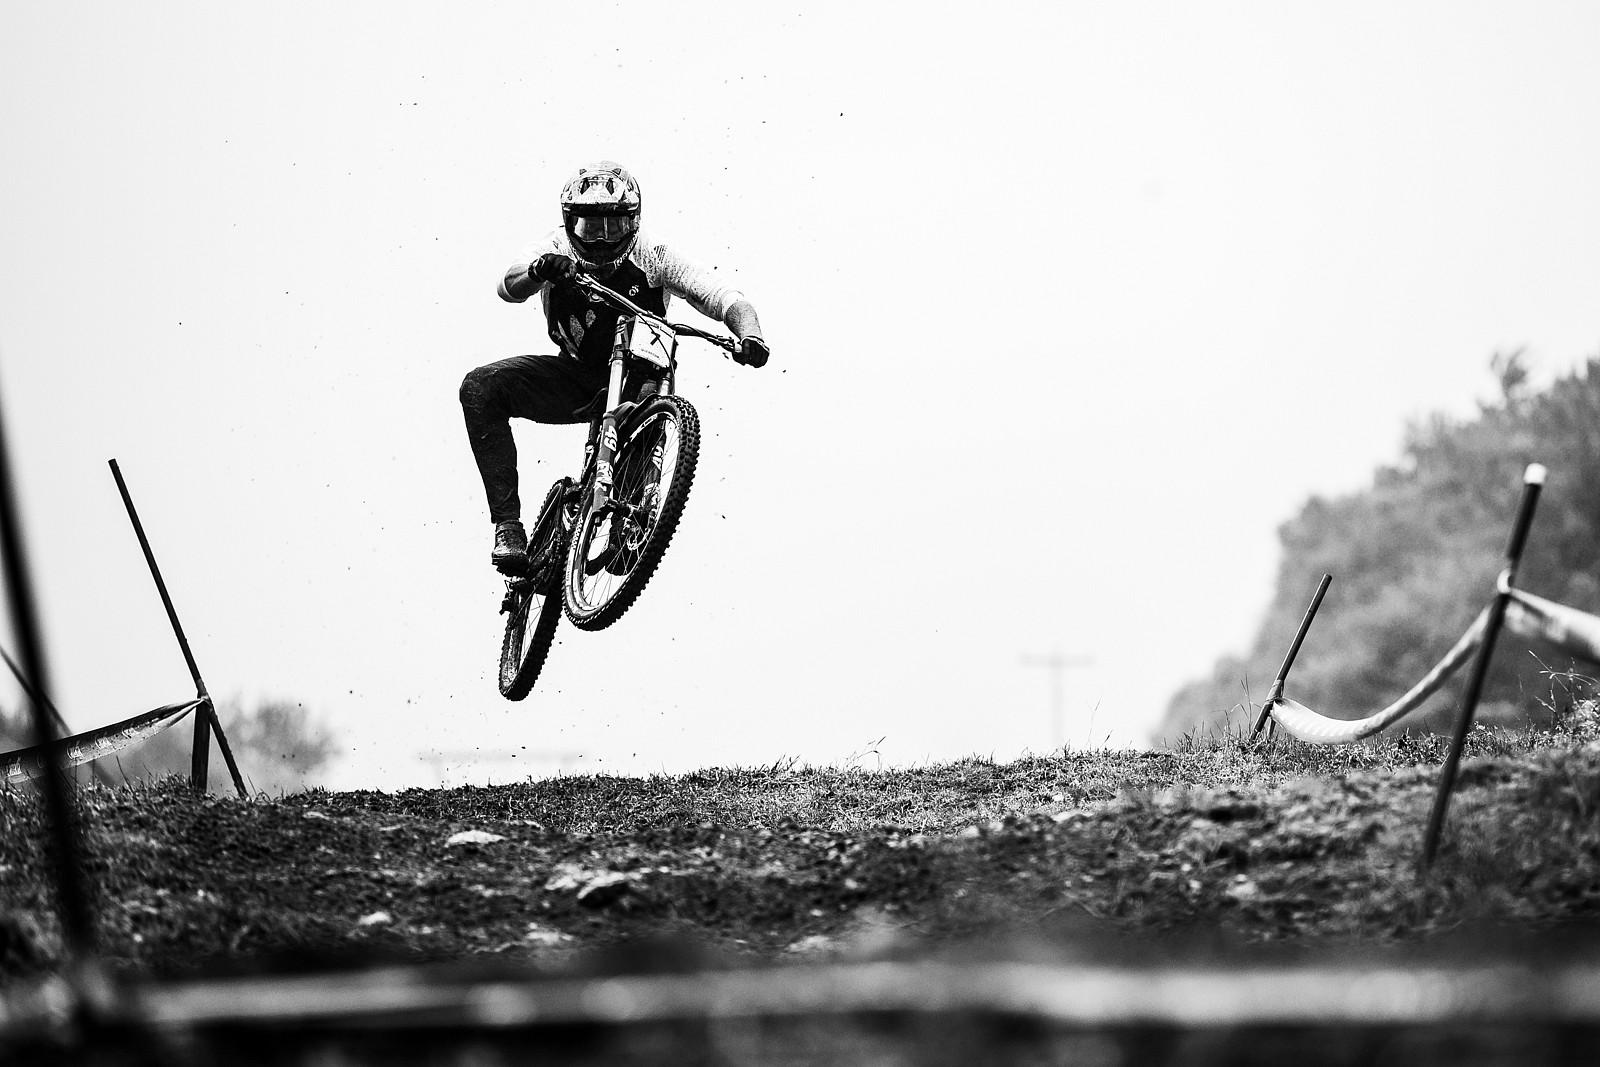 A Big, Bad Batch of Brook Macdonald Bangers - A Big Bad Batch of Brook Macdonald Bangers - Mountain Biking Pictures - Vital MTB